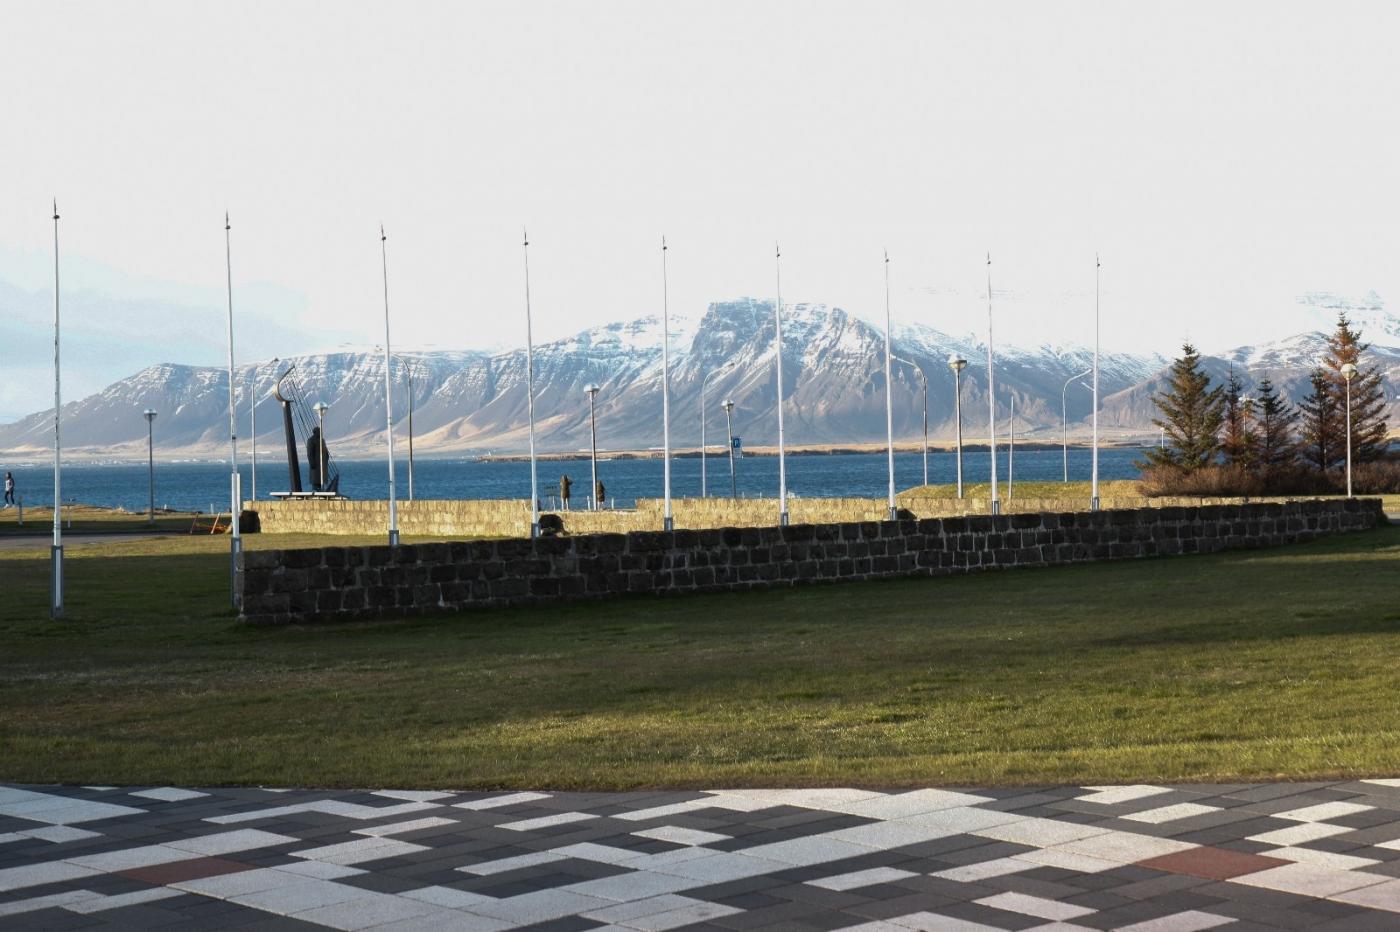 冰岛海滩风景_图1-14